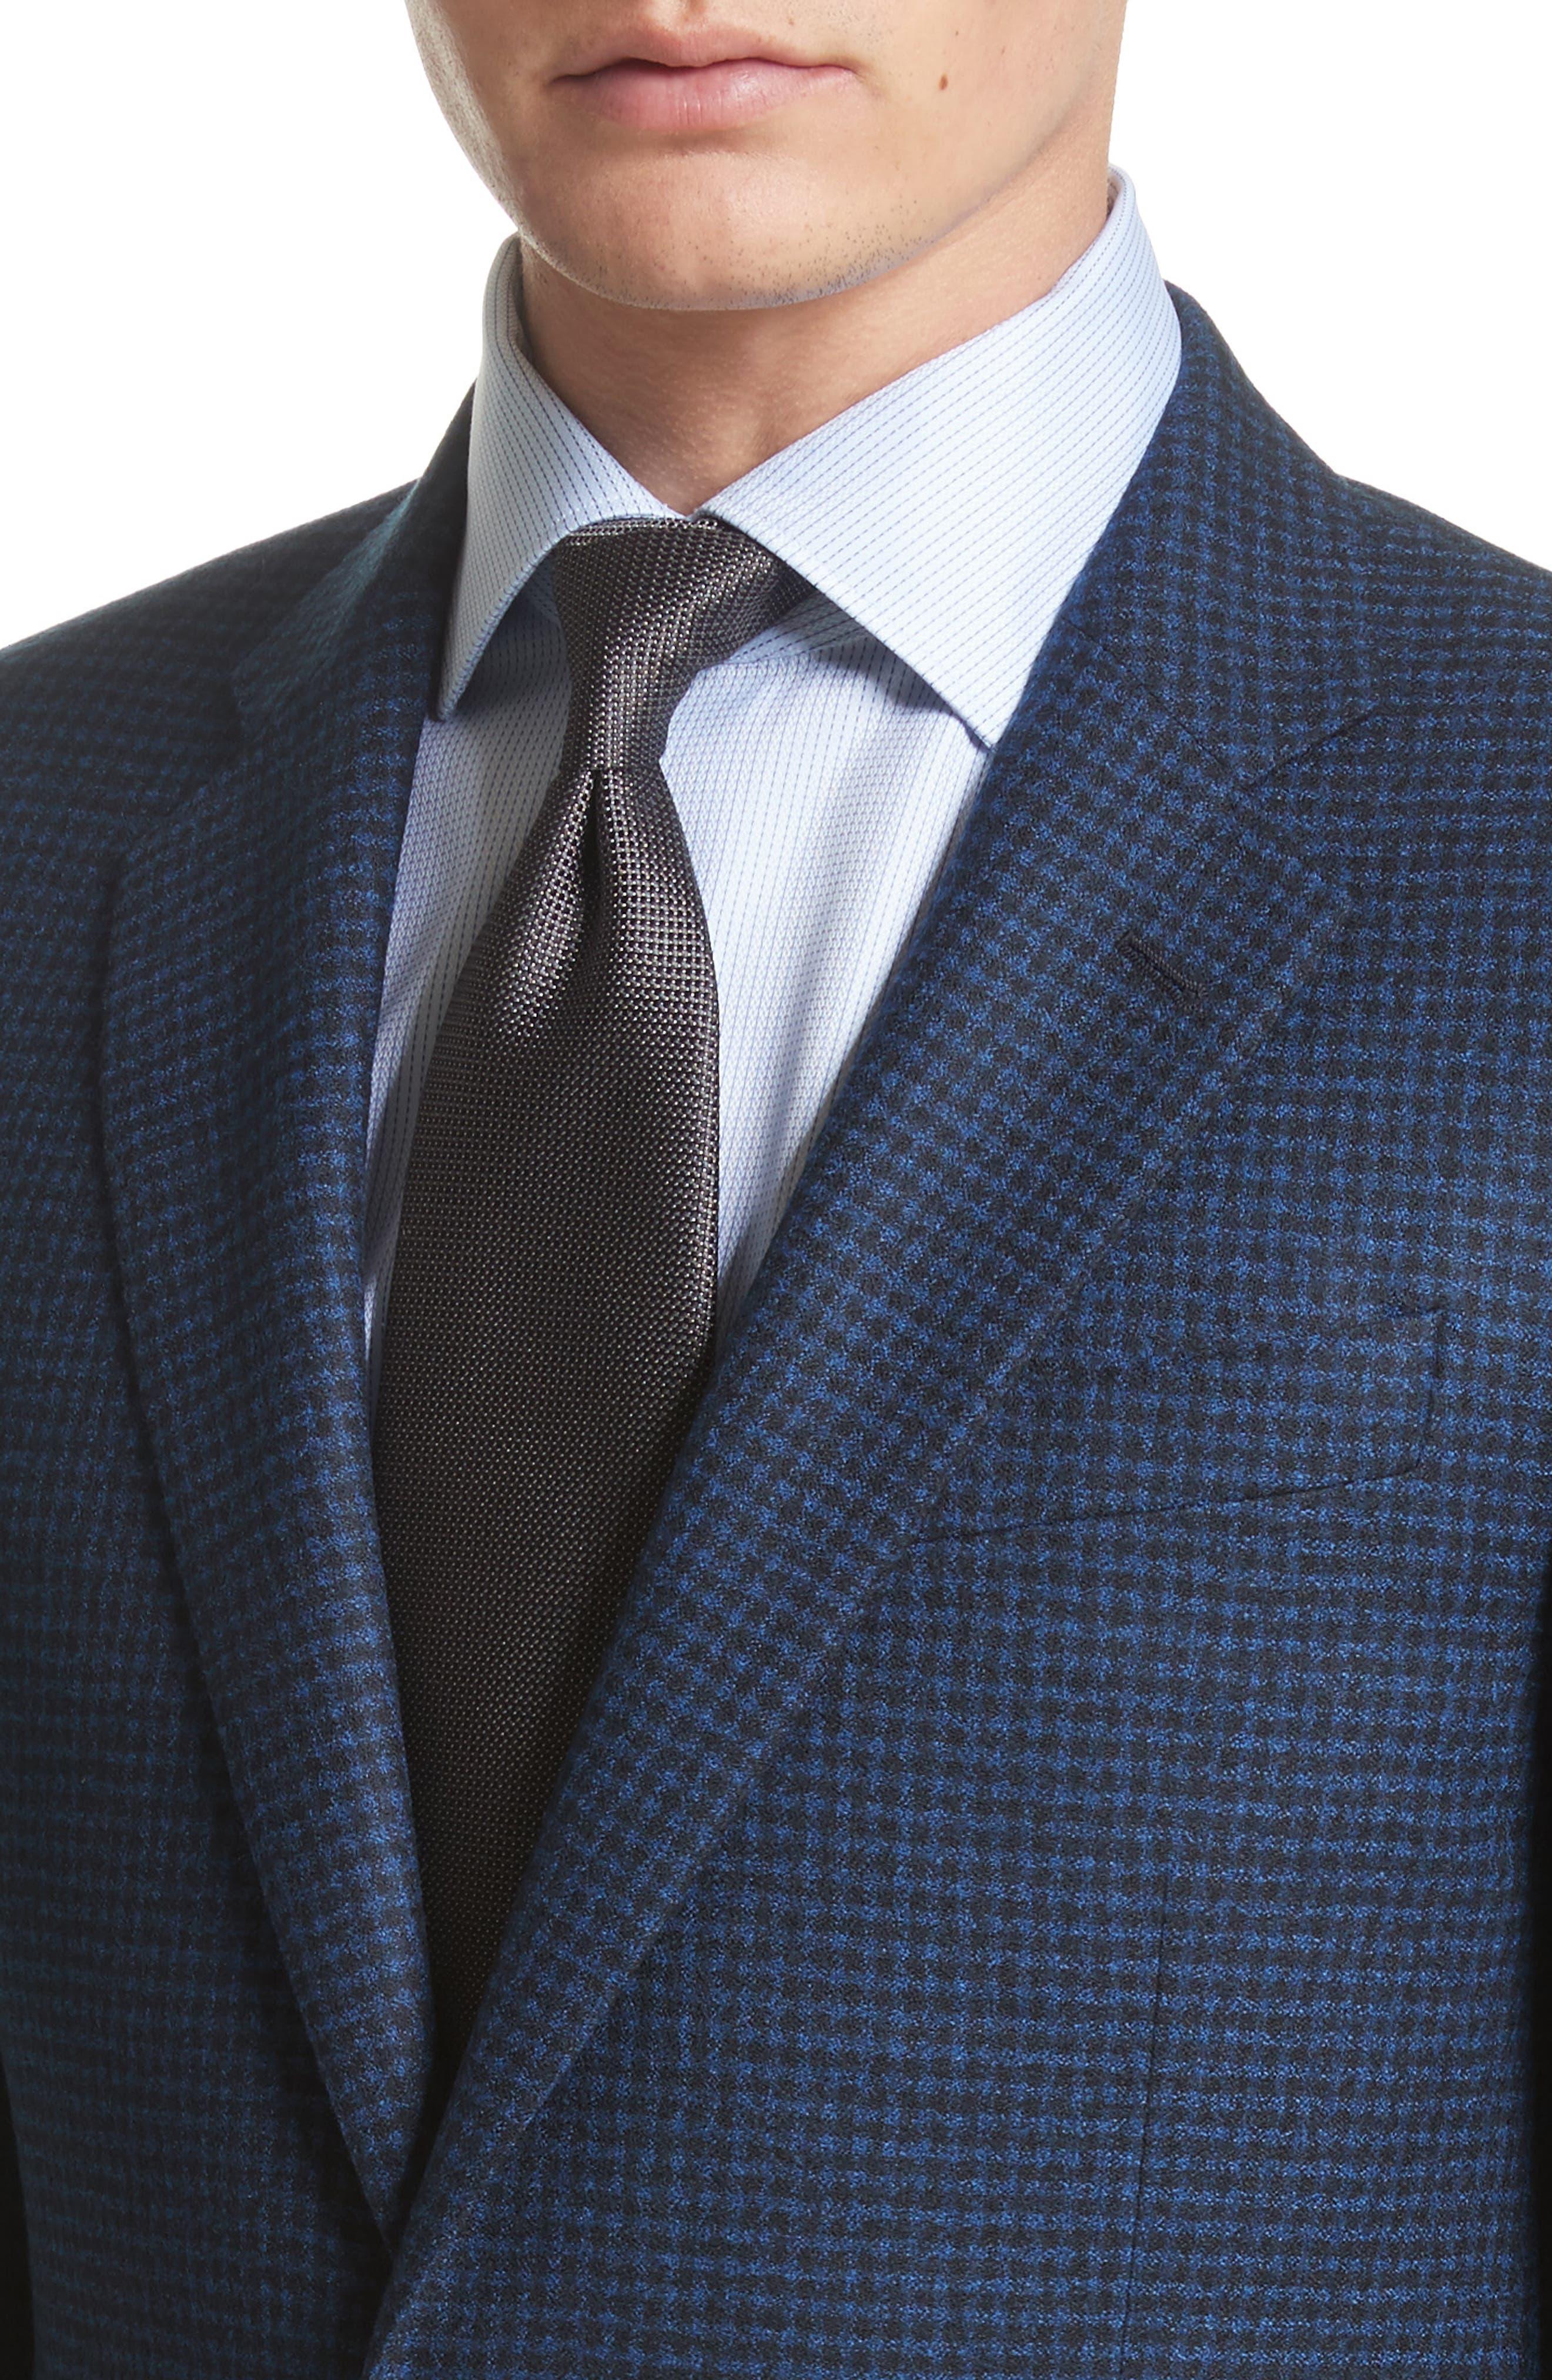 ARMANI COLLEZIONI,                             G-Line Trim Fit Check Wool Sport Coat,                             Alternate thumbnail 4, color,                             410